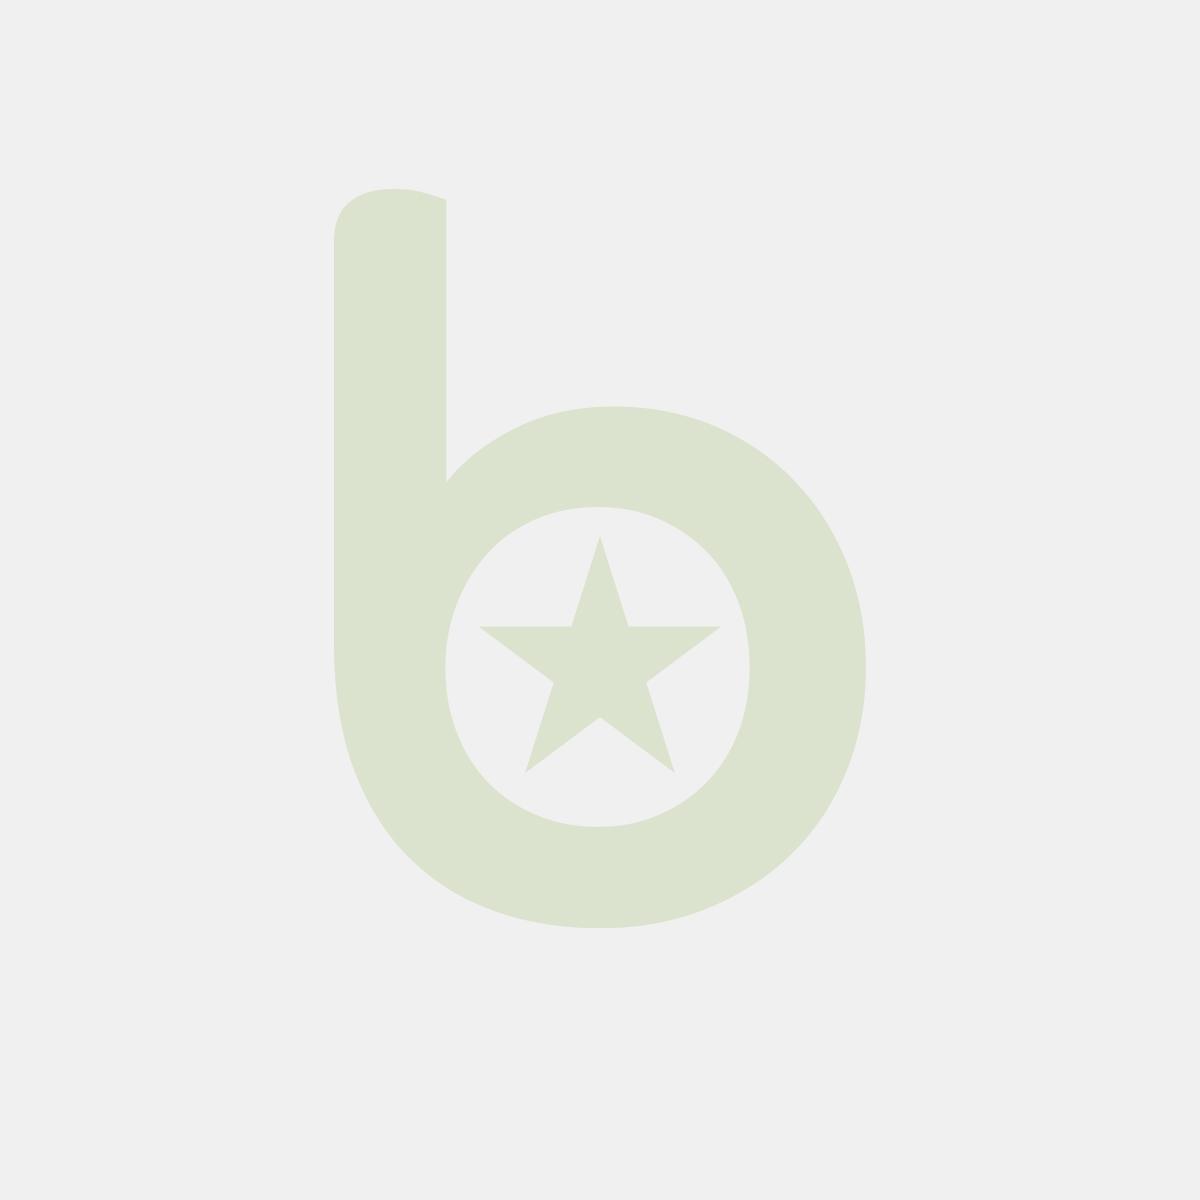 Pudełko BURGER brązowy, bez nadruku rozmiar: 150x100x80, cena za opakowanie 100szt